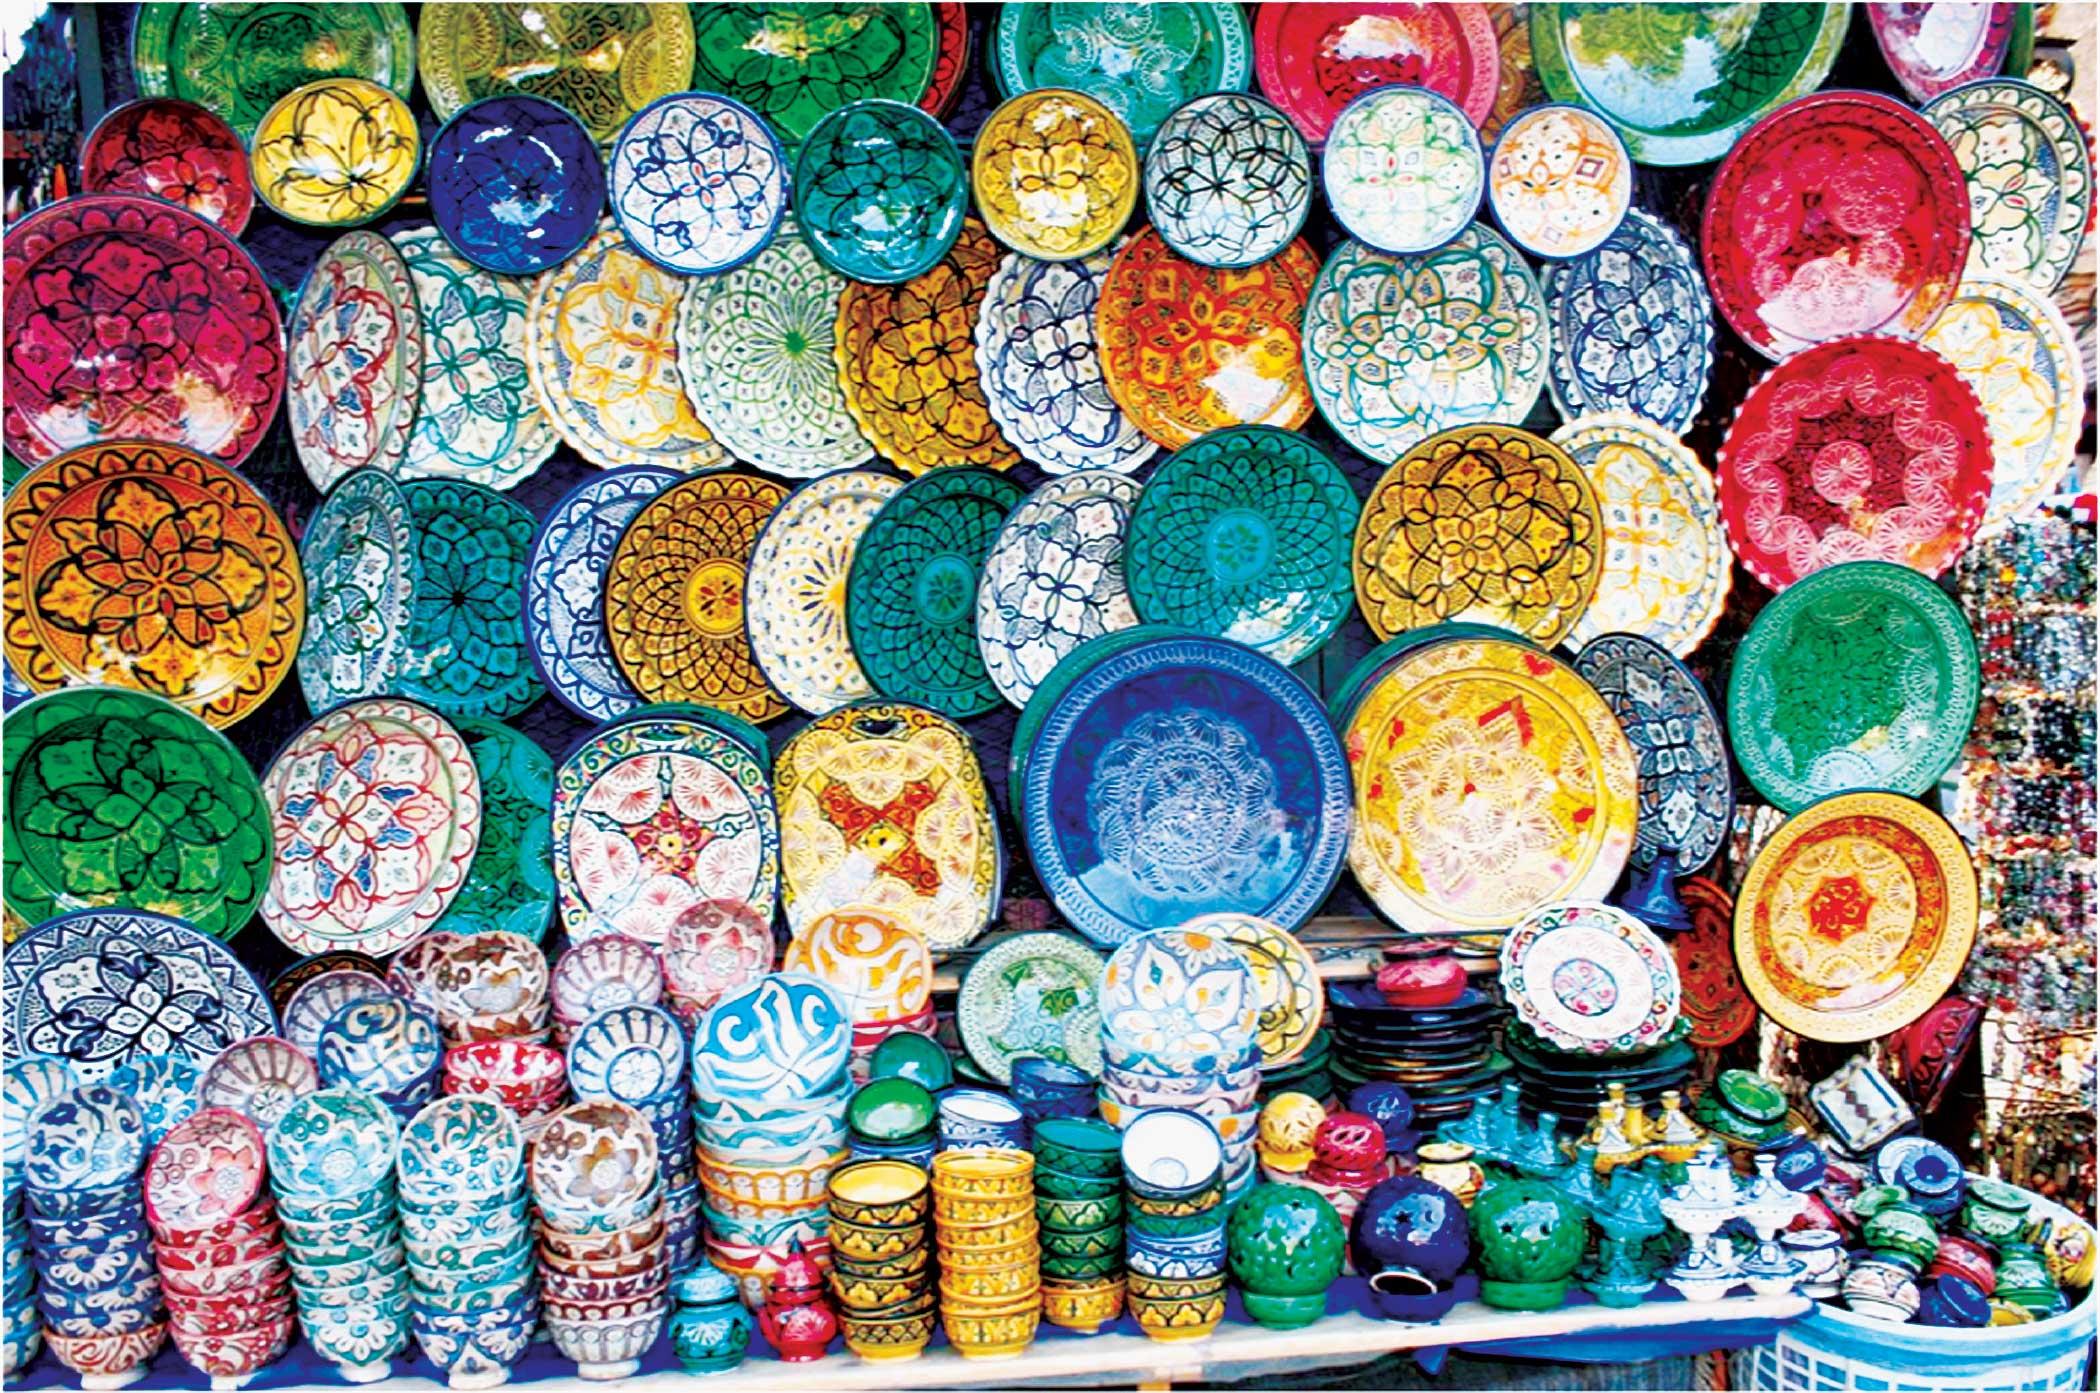 morocco-pottery-20110200